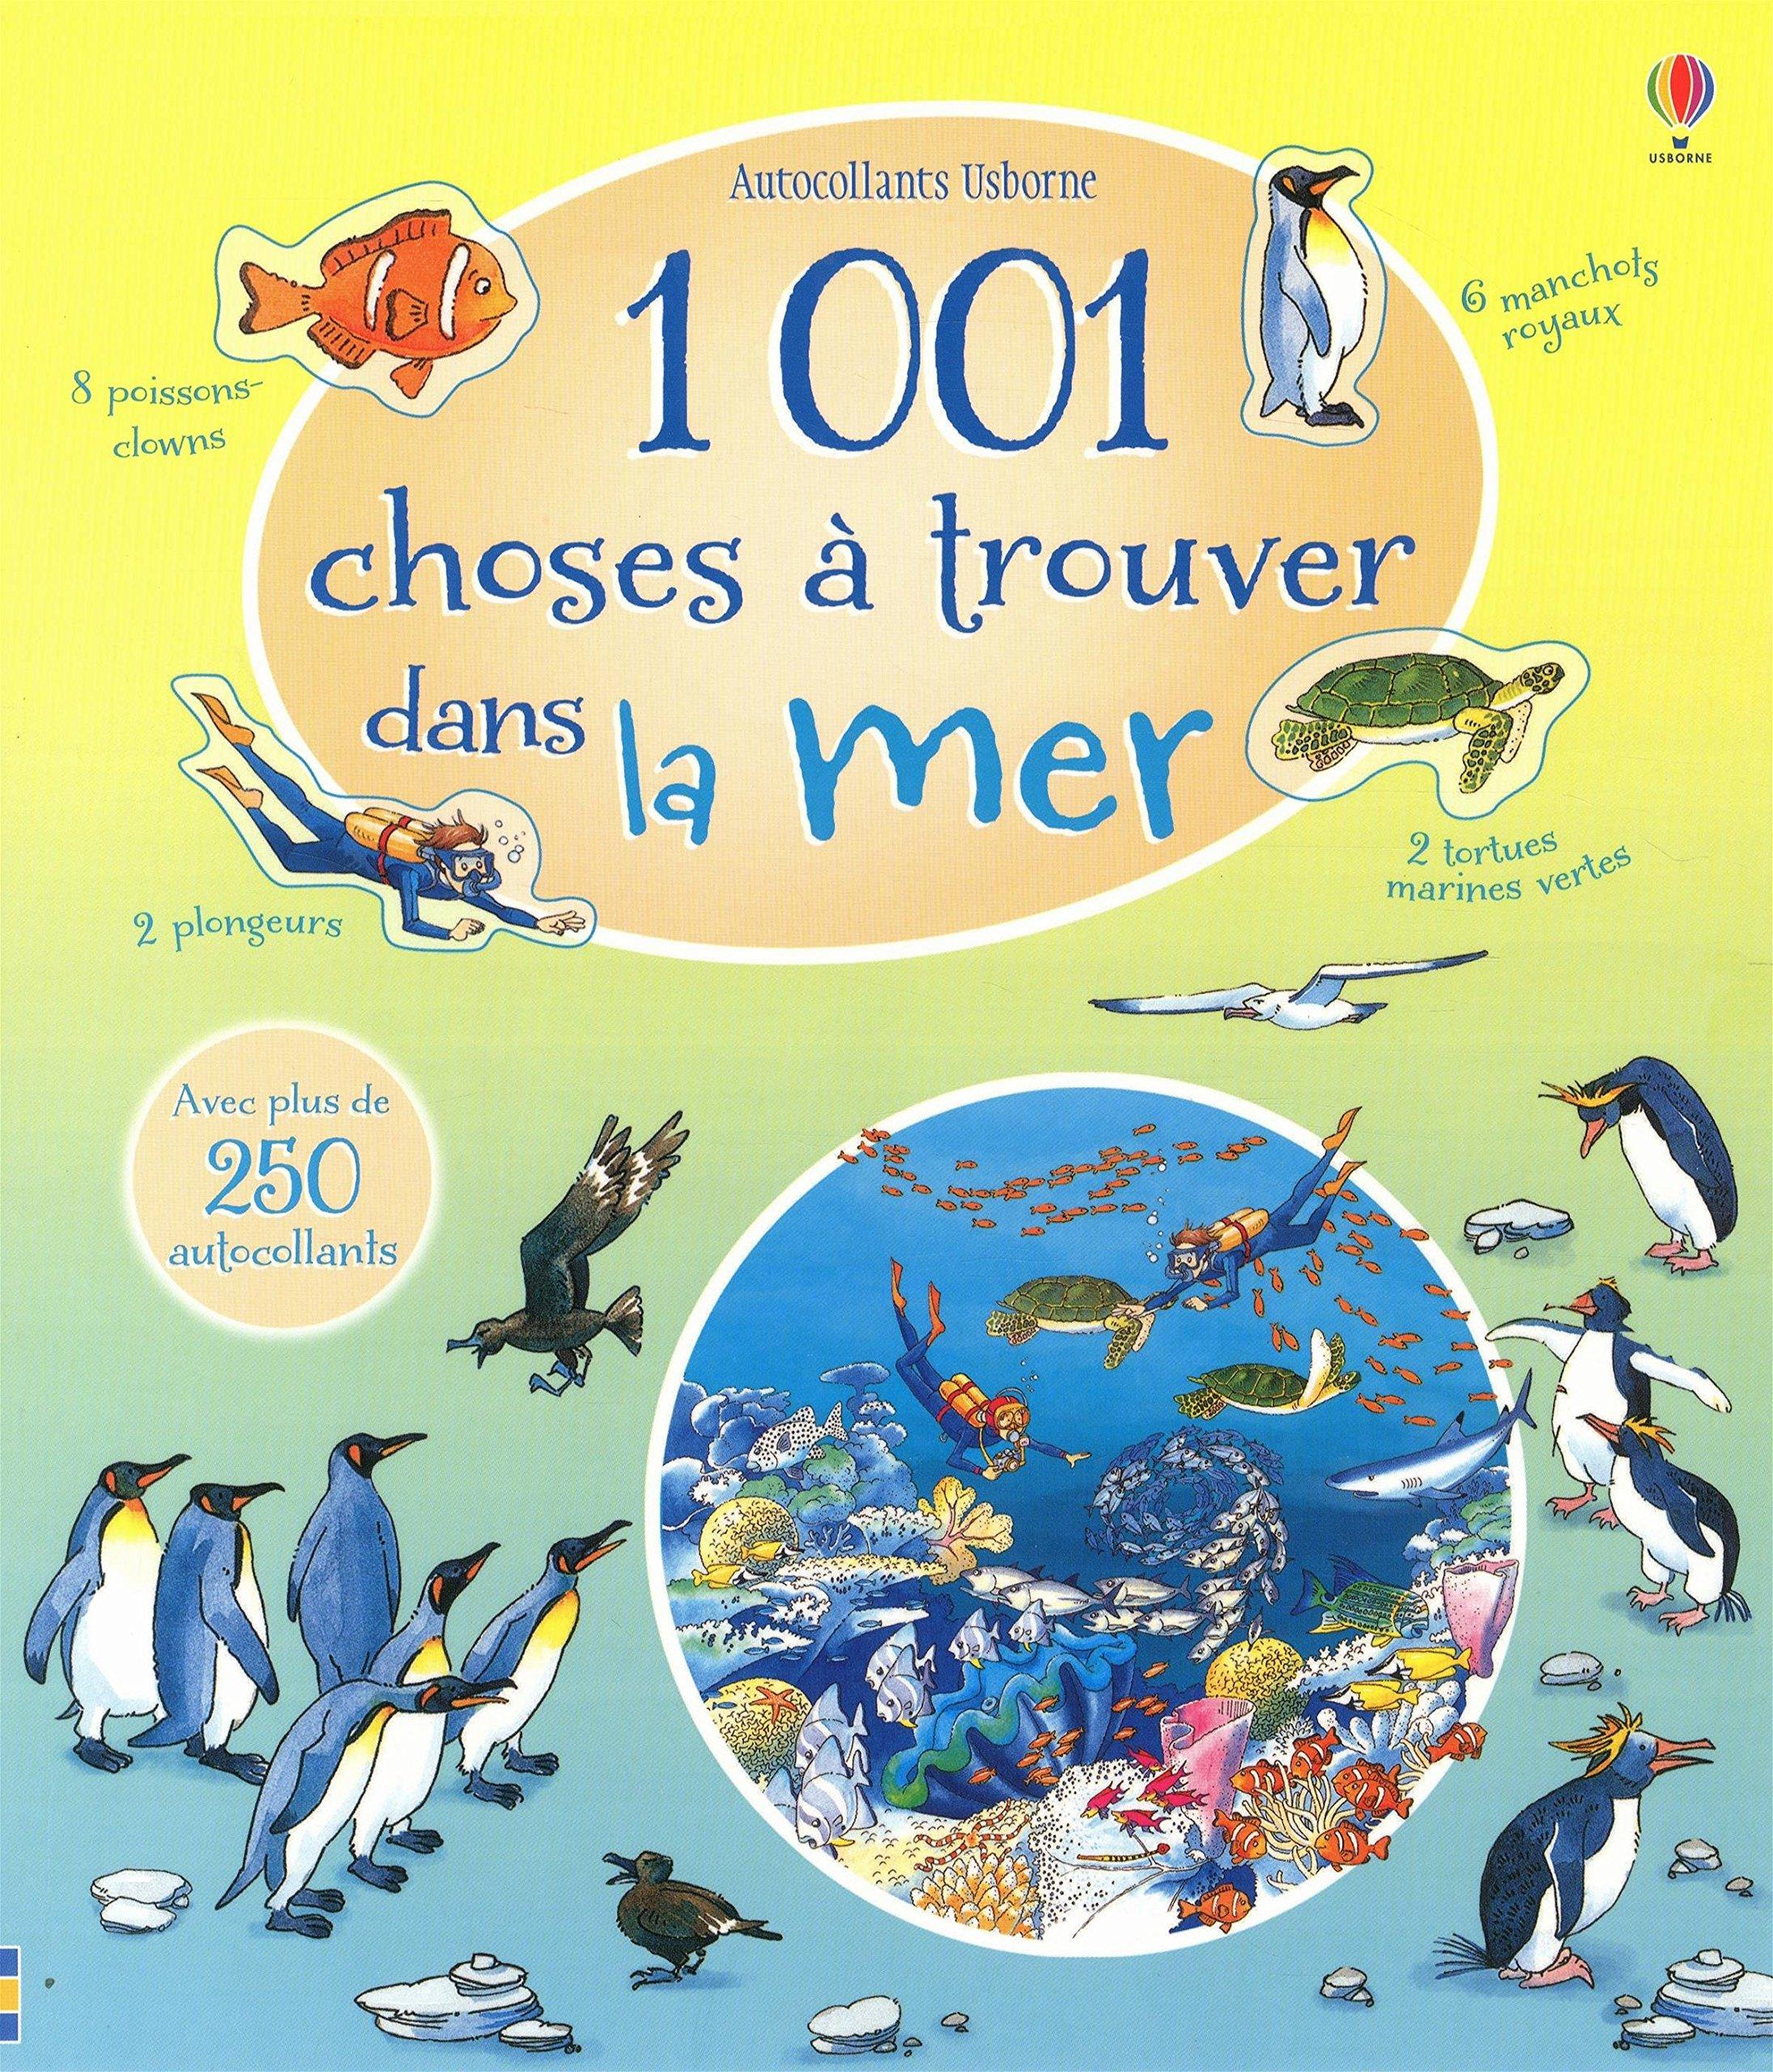 1 001 choses à trouver dans la mer - Autocollants Usborne: Amazon.fr: Katie  Daynes, Teri Gower, Virginie Clauzel: Livres